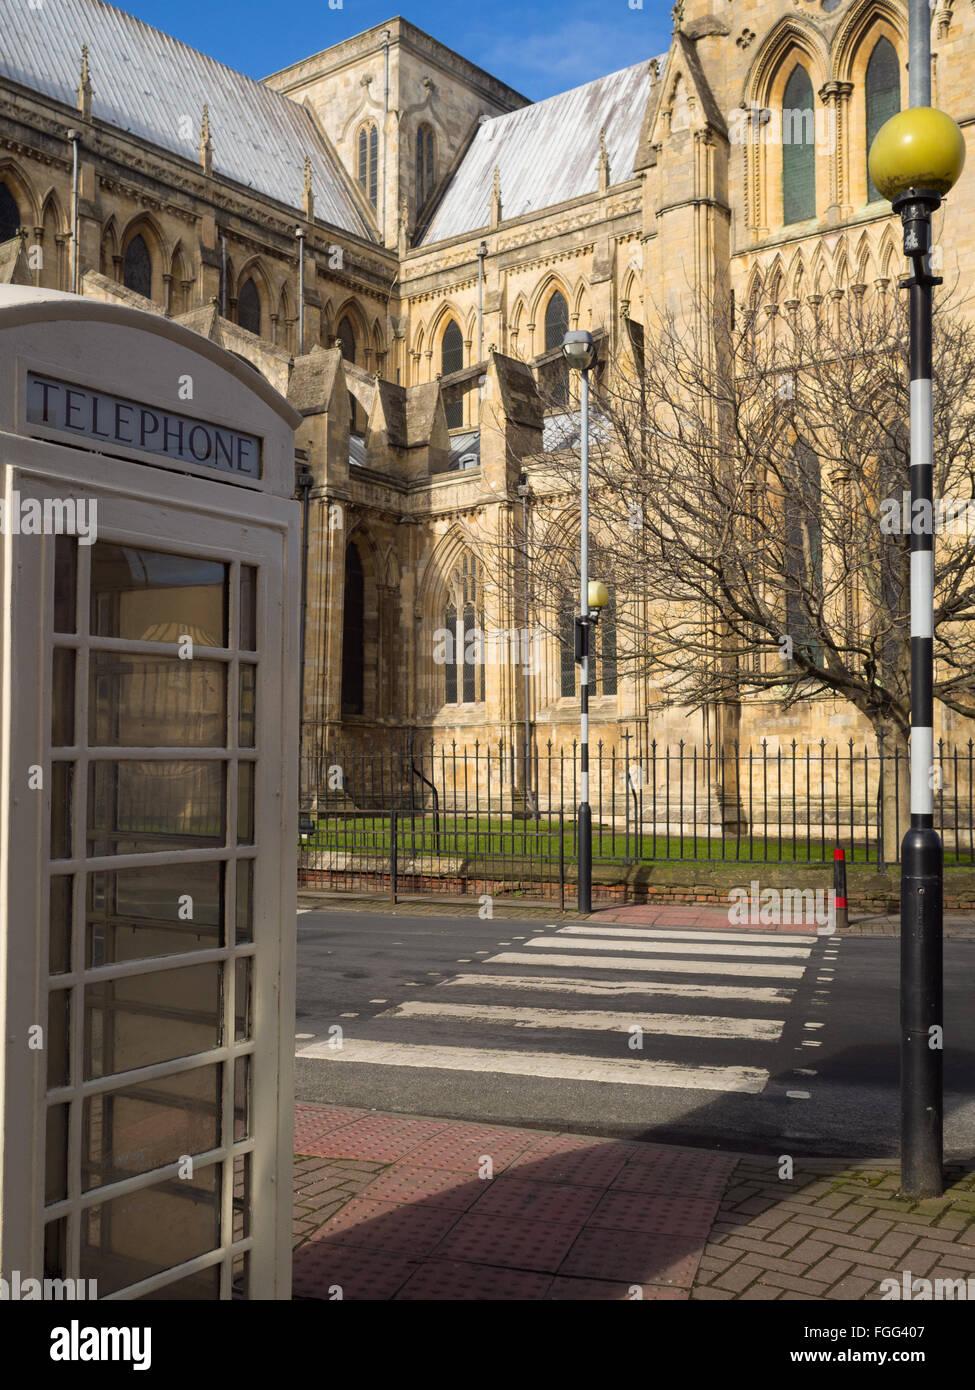 A Kingston Communication telephone box opposite Beverley Minster Stock Photo